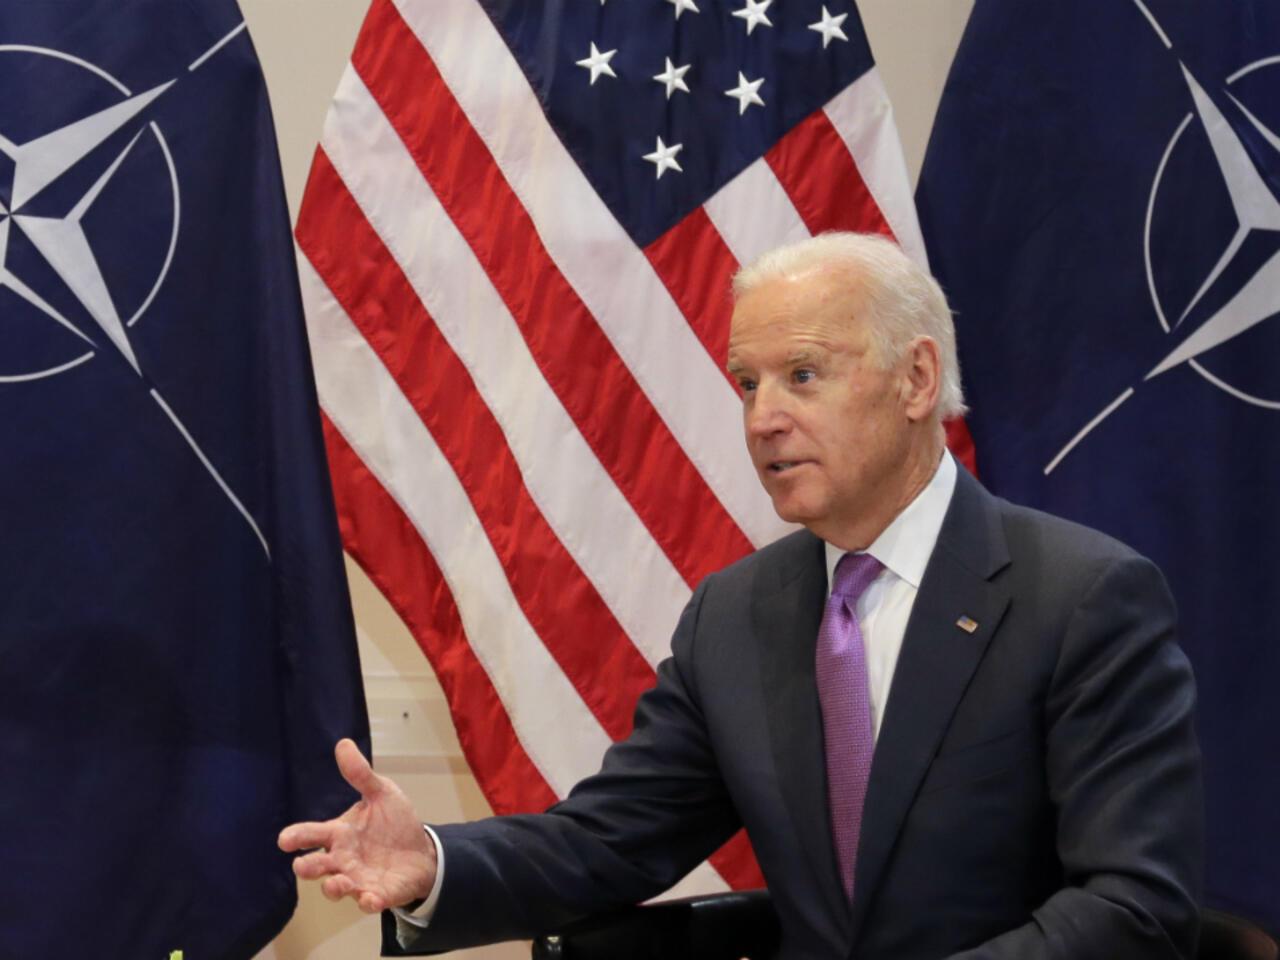 """Bundesakademie für Sicherheit (BAKS) empfiehlt deutscher Regierung: """"Militärschlag der USA und/oder Israels gegen Iran unterstützen!"""""""